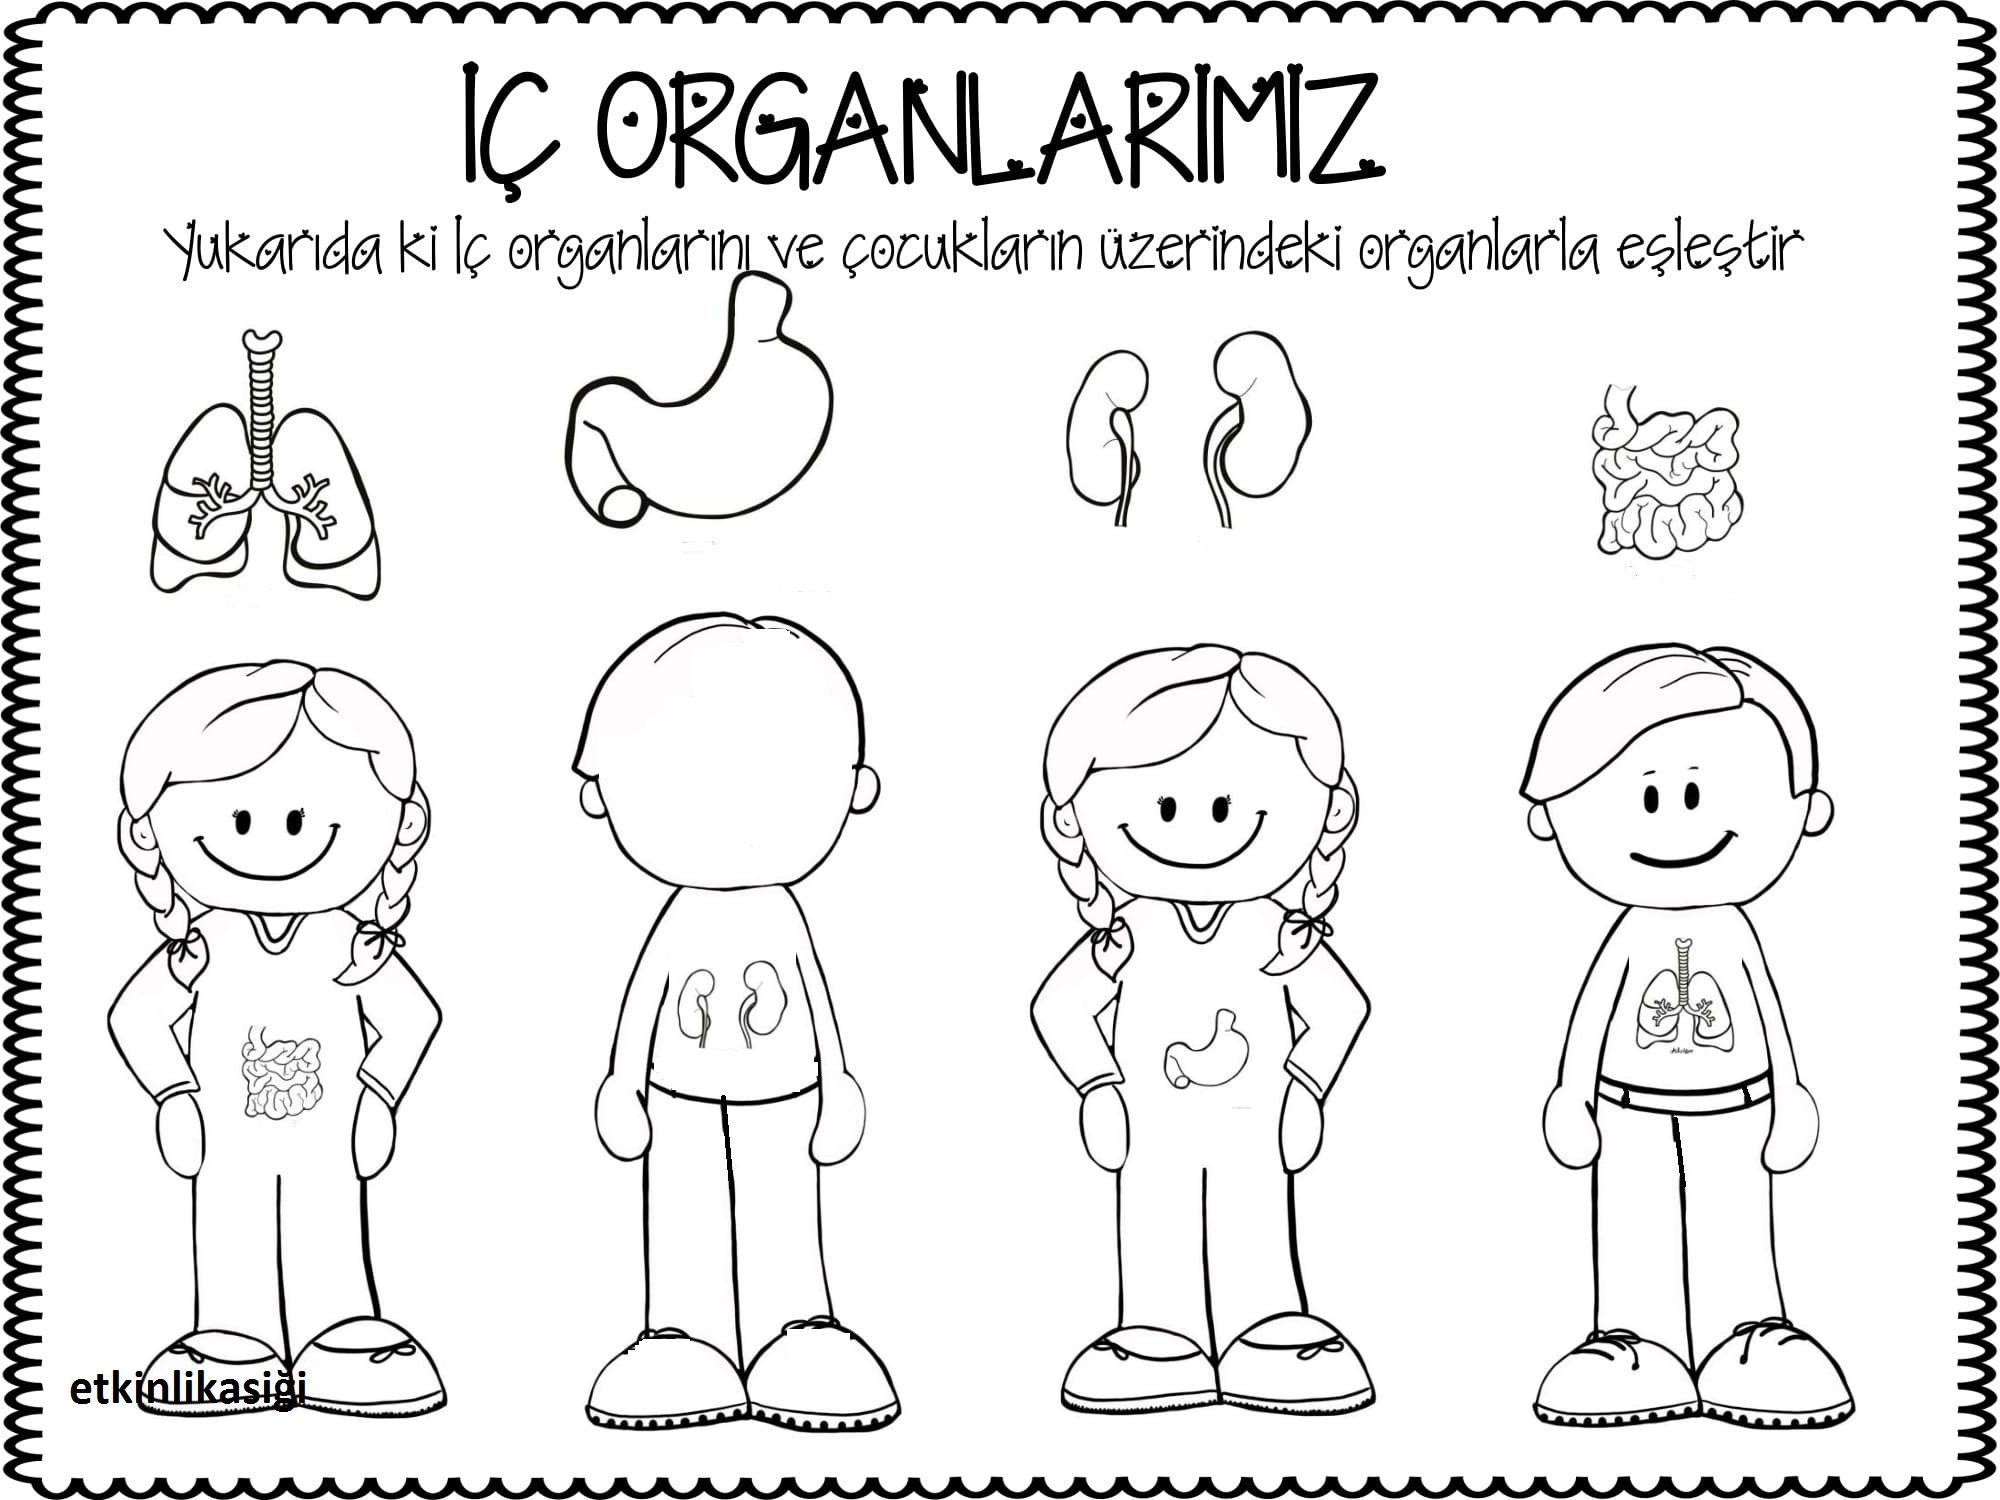 Ic Organlarim Body Okul Oncesi Okul Ve Okul Oncesi Calisma